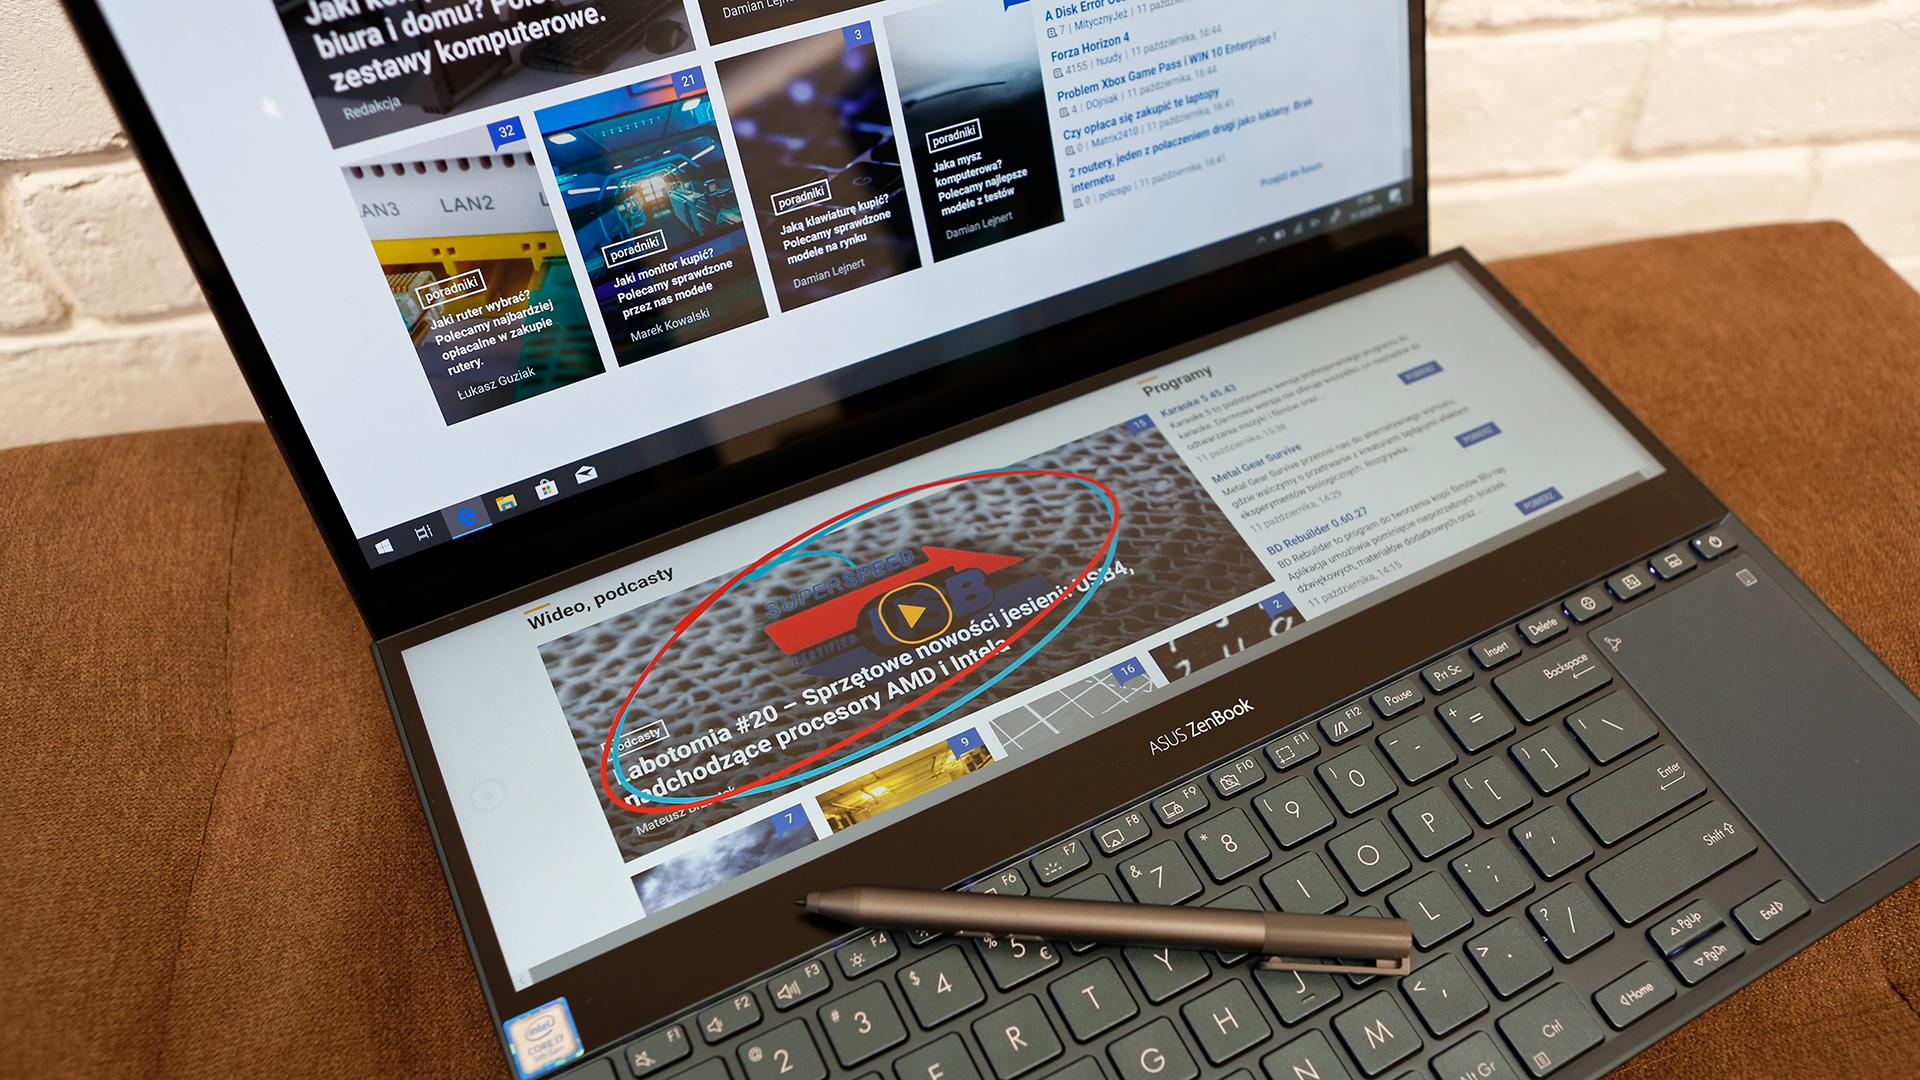 Asus ZenBook Pro Duo UX581GV - pantaila bakarra nahikoa ez denean.  Ordenagailu eramangarriaren proba bi pantailarekin.